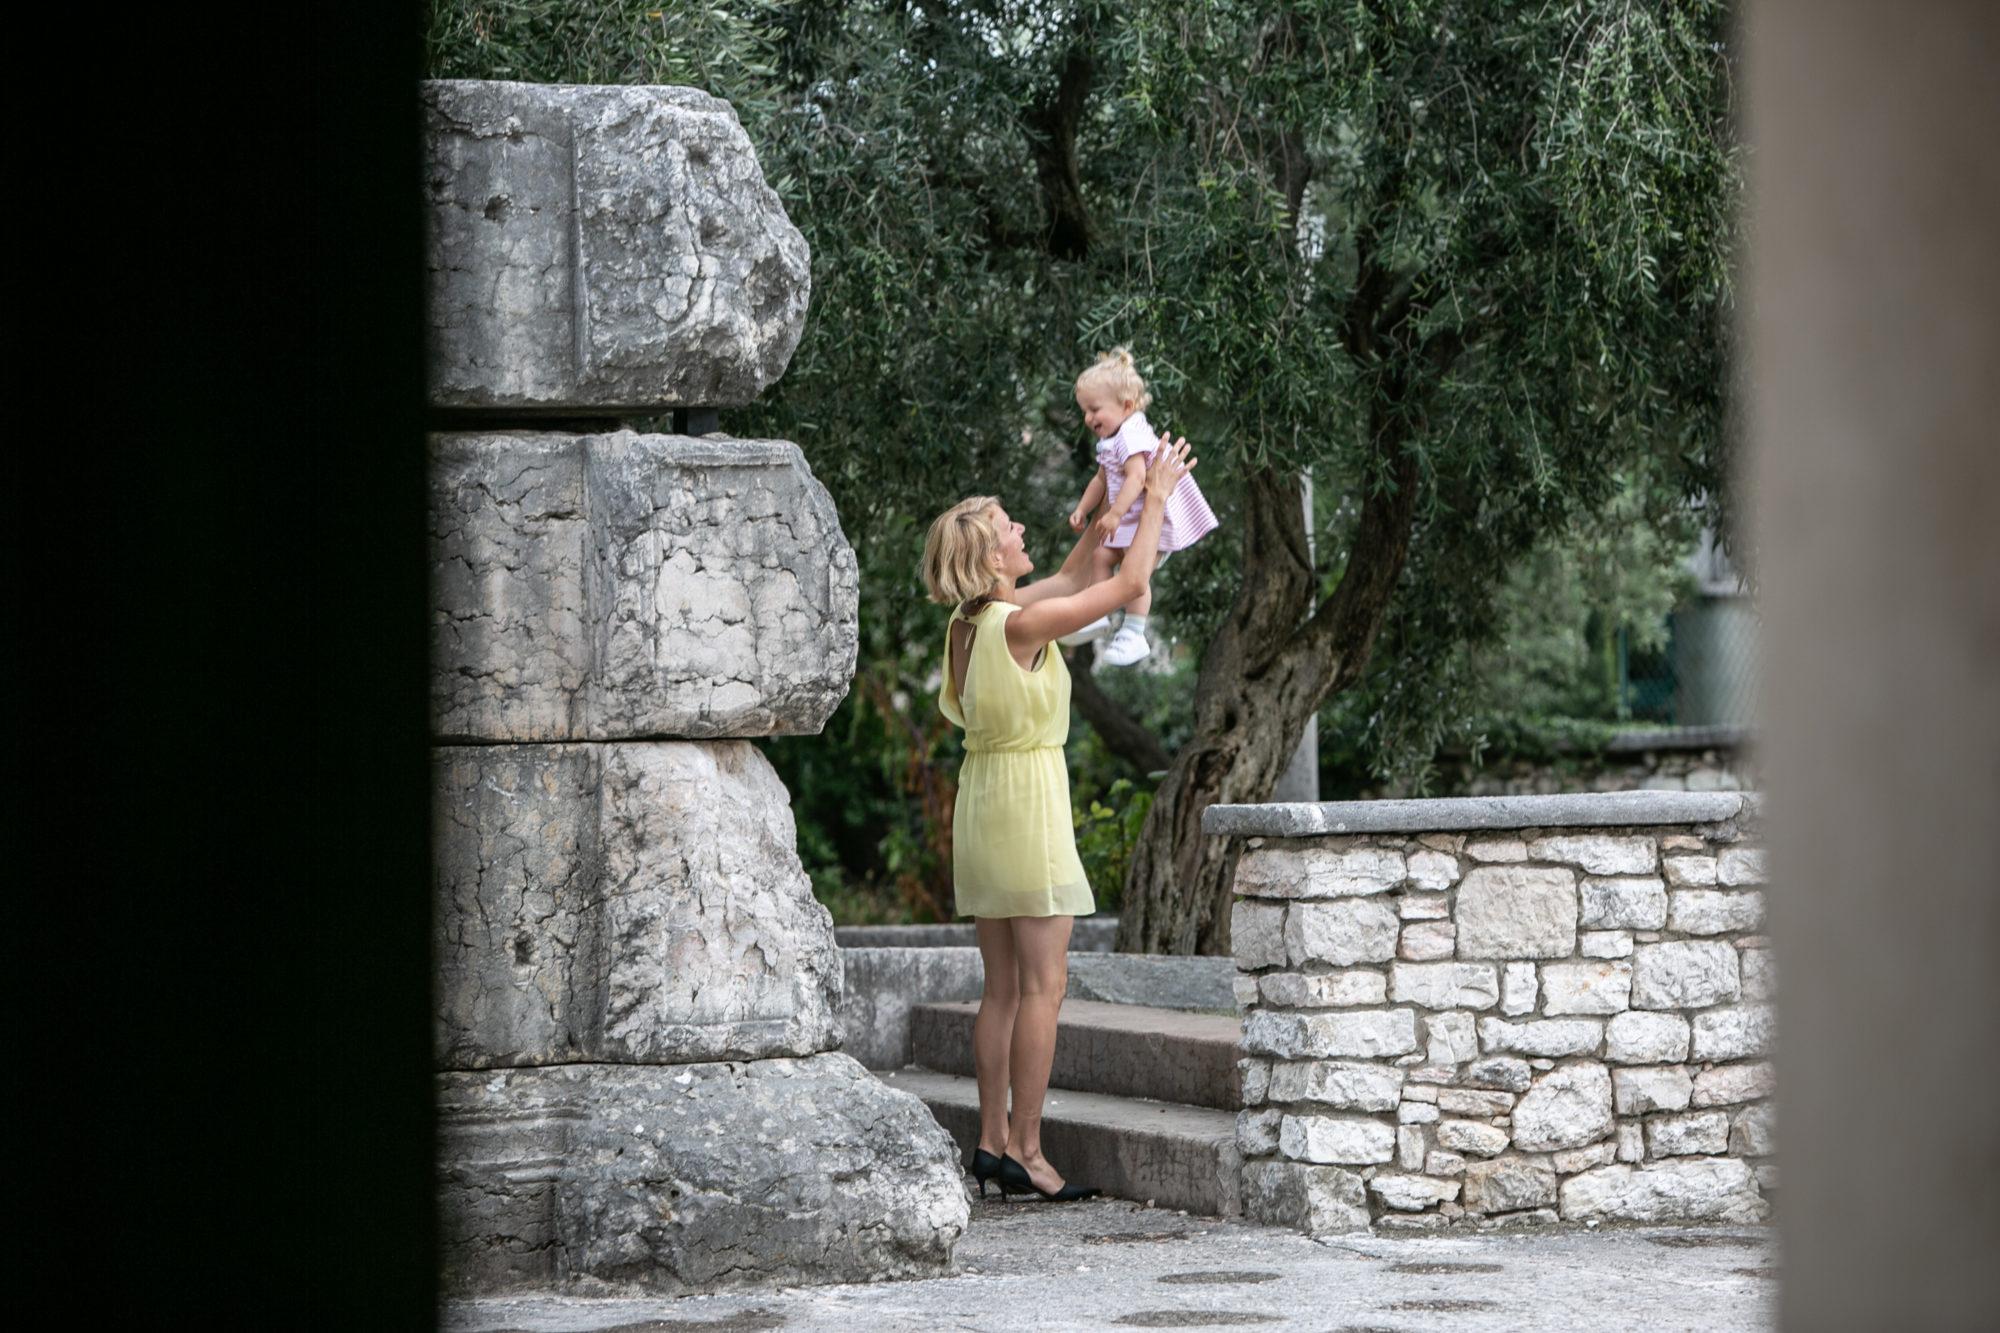 0018_gilberti_ricca_villa_mosconi_bertani_fotografi_matrimonio